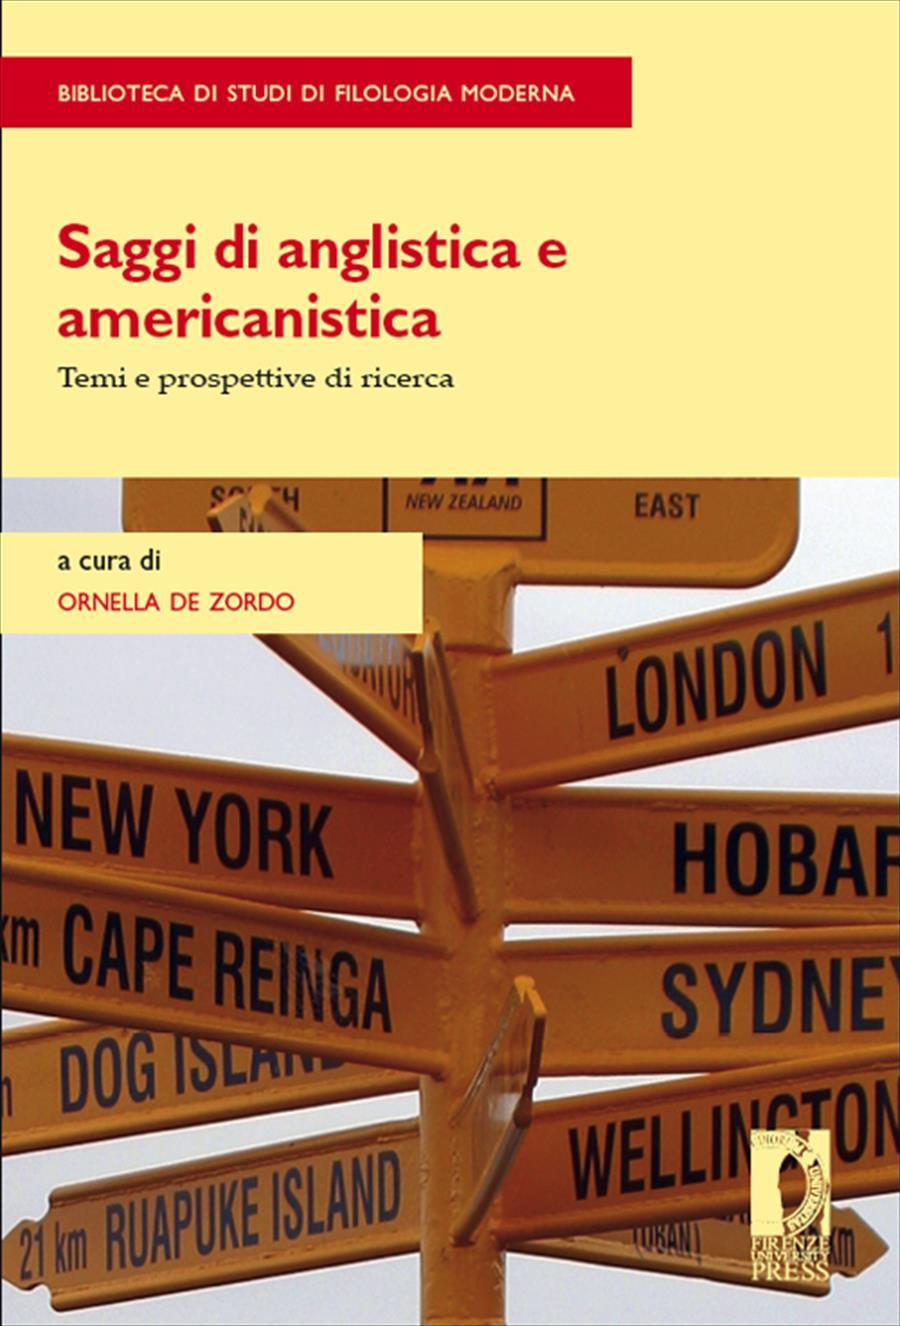 Saggi di anglistica e americanistica